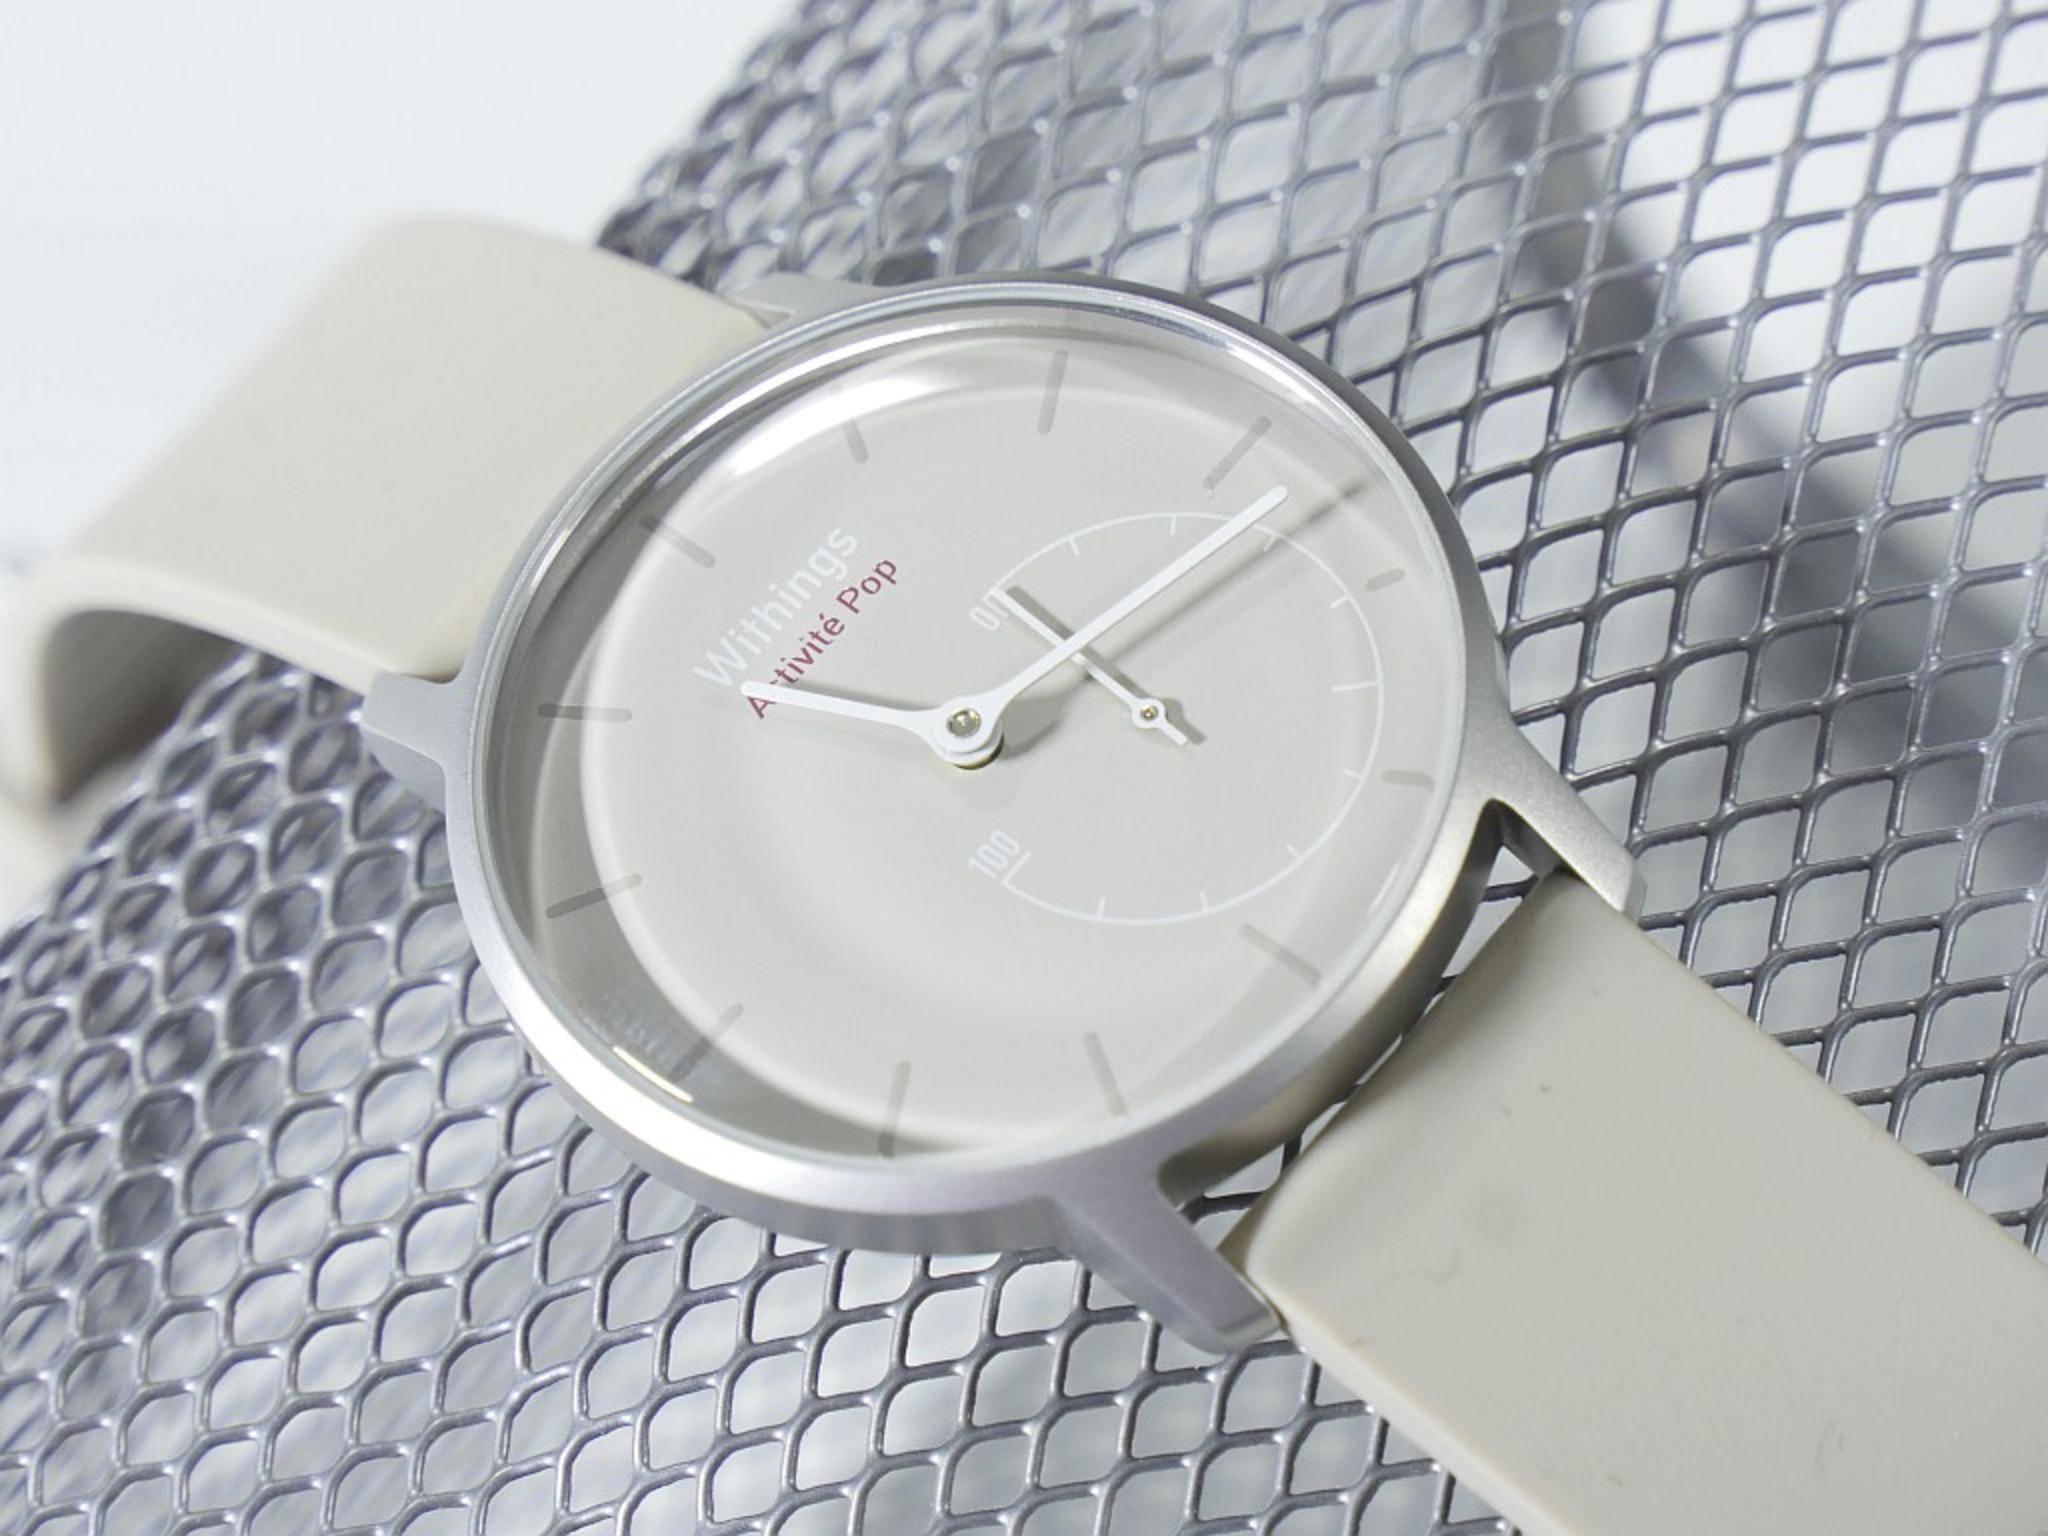 Die Whitings Acitivité Pop ist nicht so smart wie andere Smartwatches, kommt aber mit einigen Sonderfunktionen.